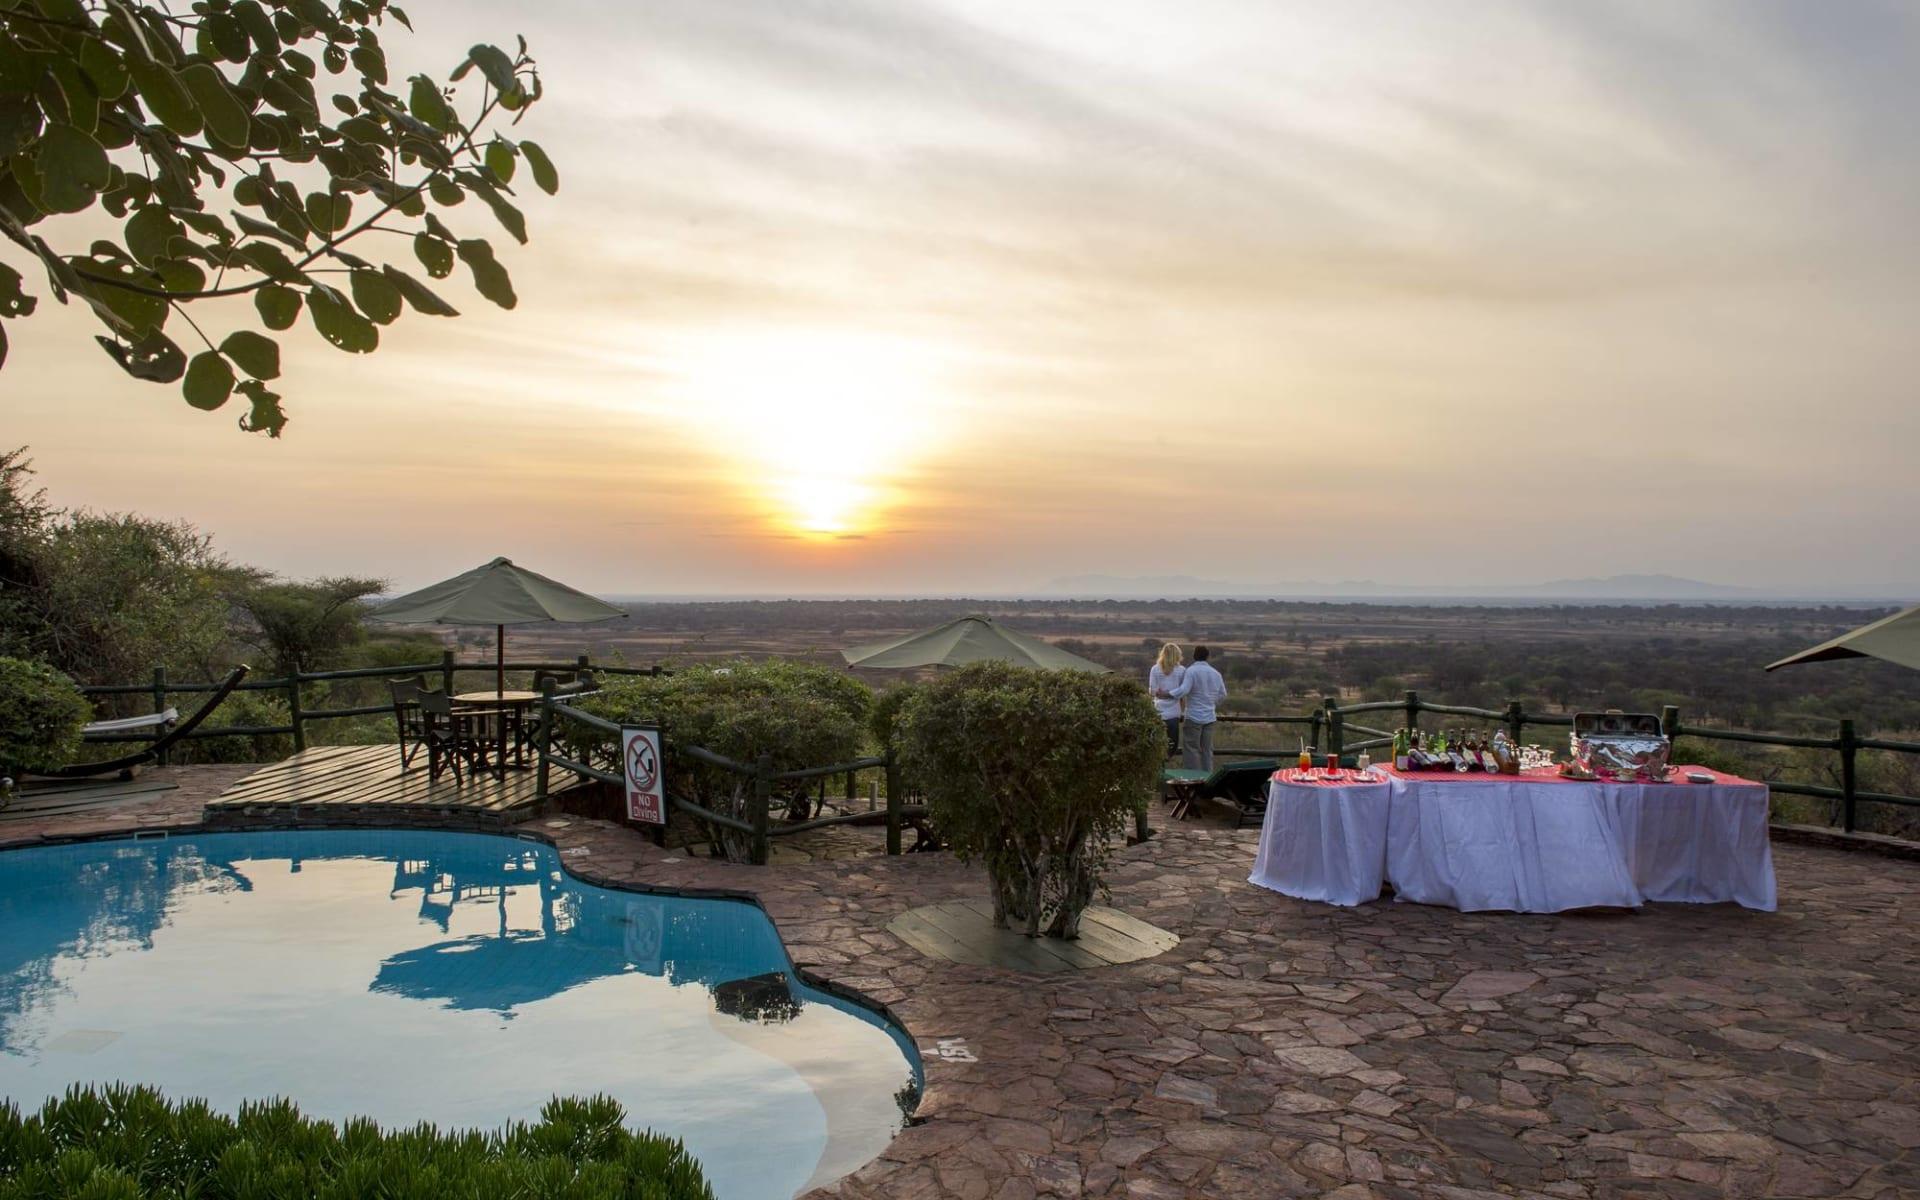 Kirawira Serena Camp in Serengeti: Sundowner